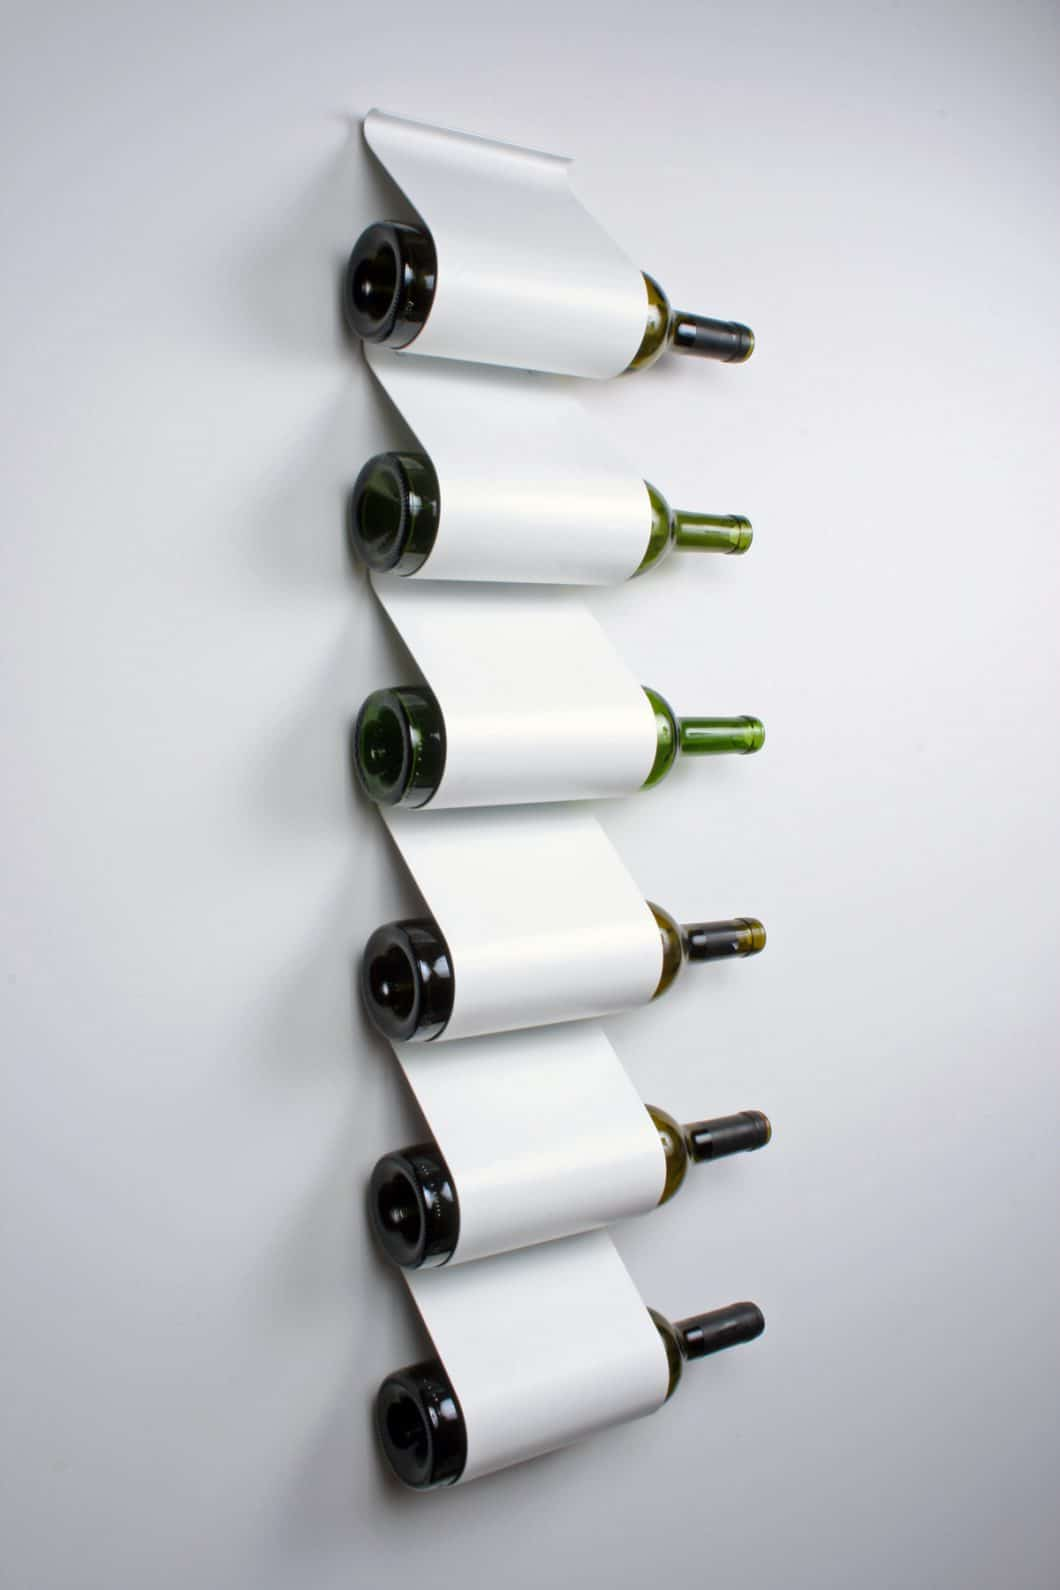 Einfach und ikonisch setzt dieser Weinschrank der Designer 'Iron Design Company' einen guten Tropfen Wein in Szene.